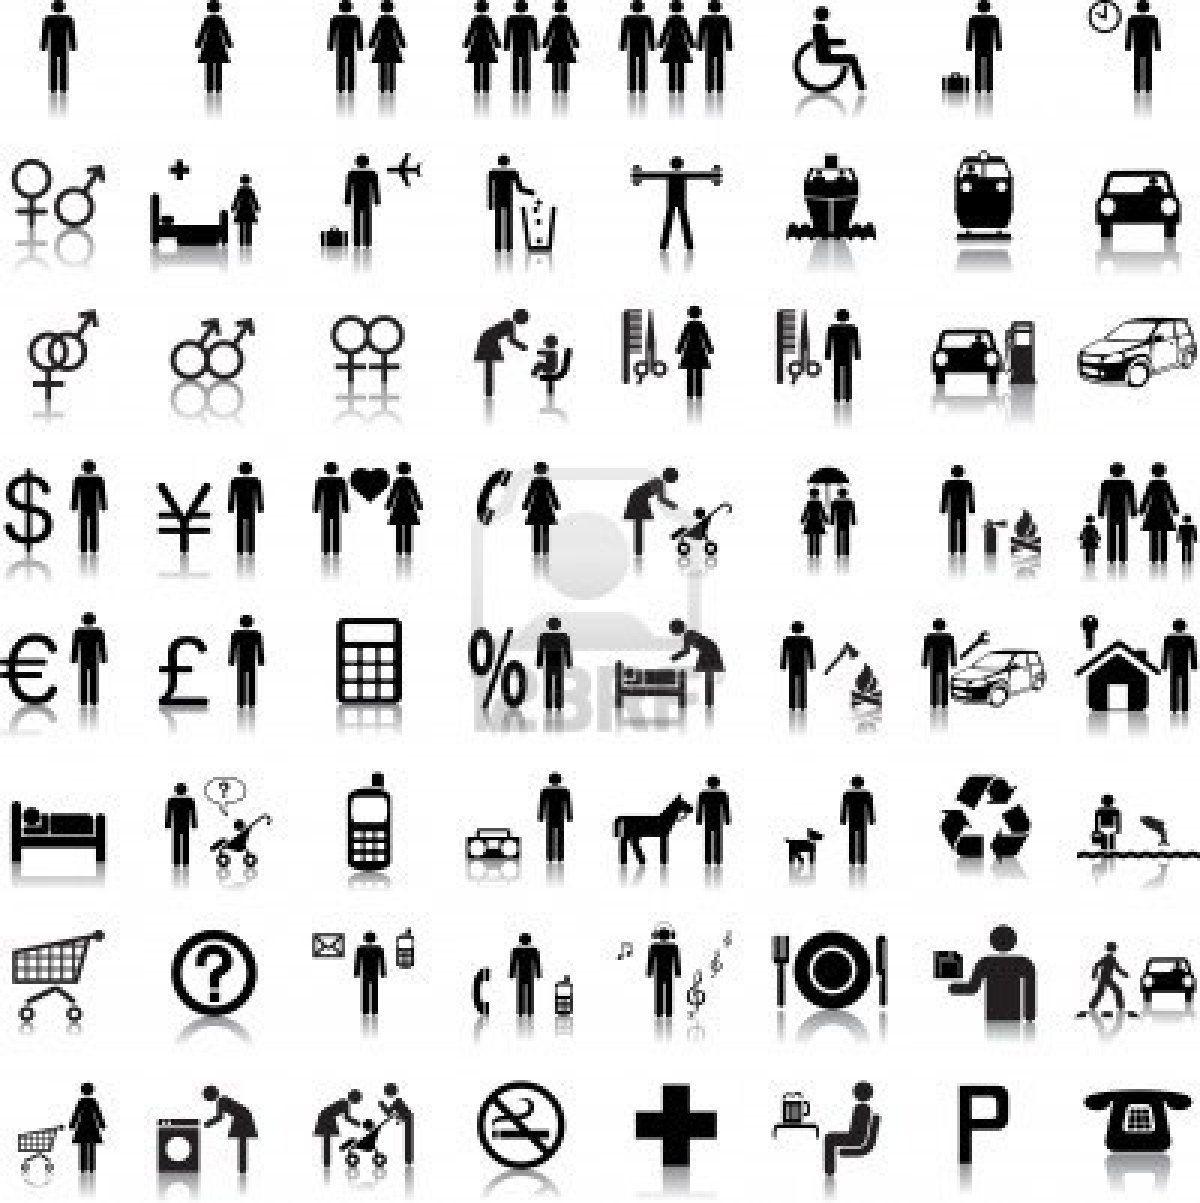 Sito Web e Internet icone - persone Archivio Fotografico ... a7f700758ea5